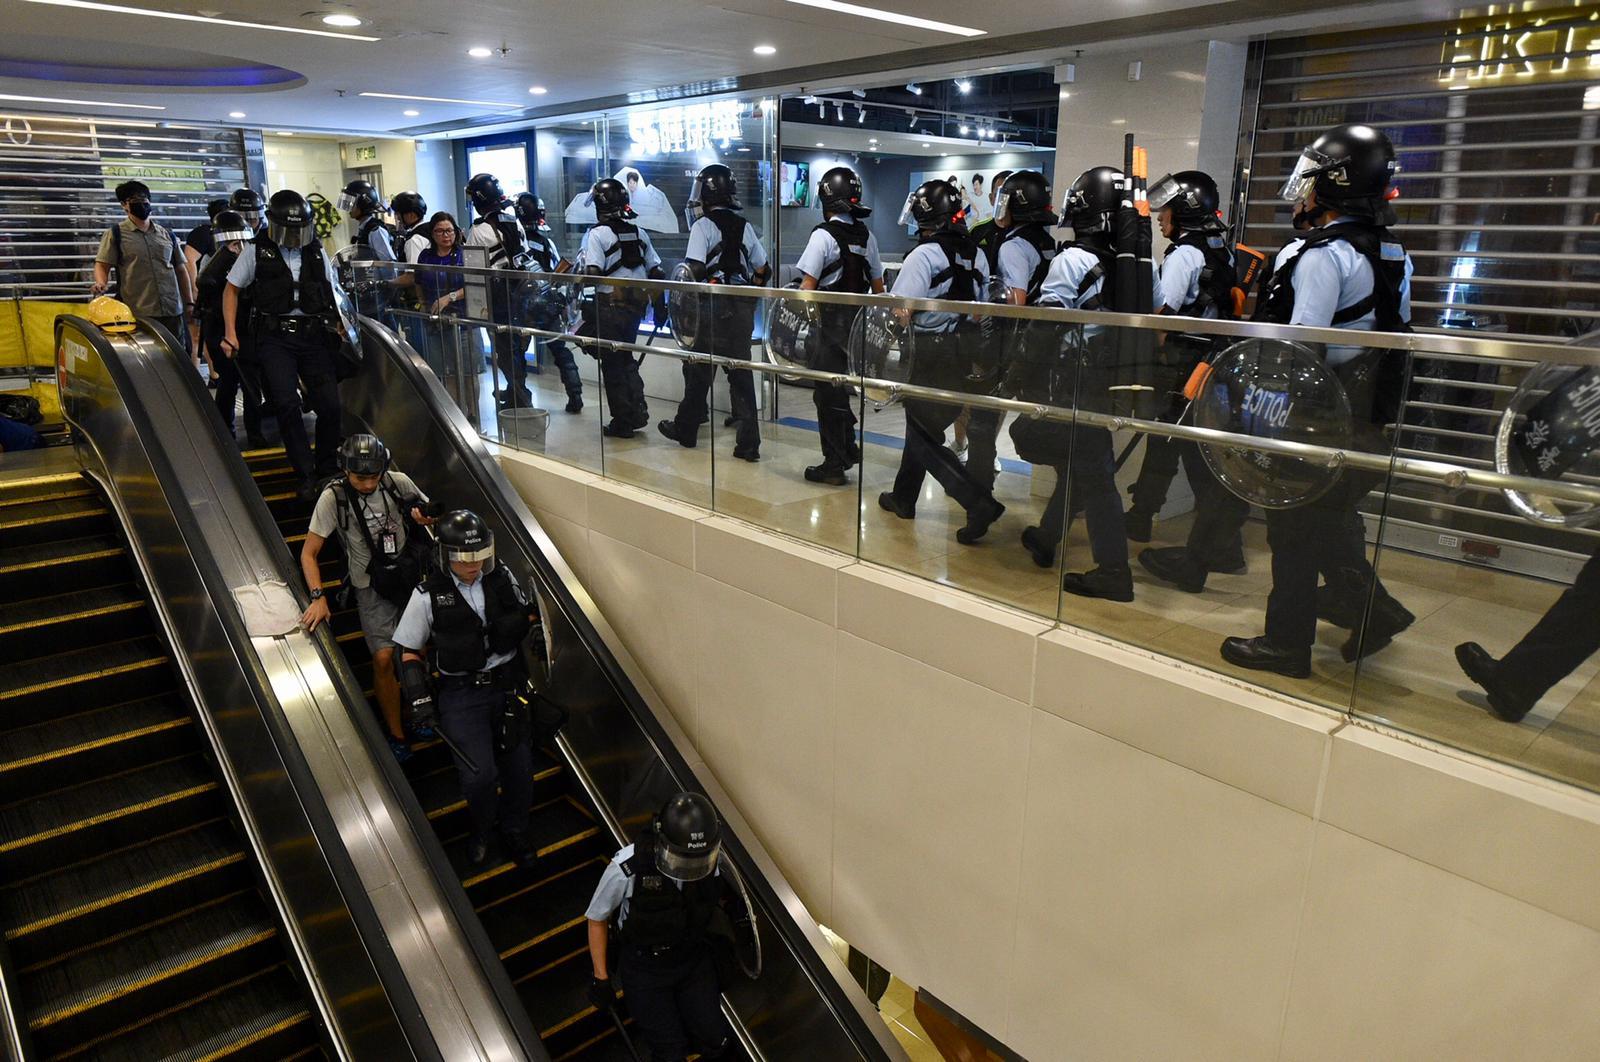 防暴警察進入黃大仙中心搜捕示威者。